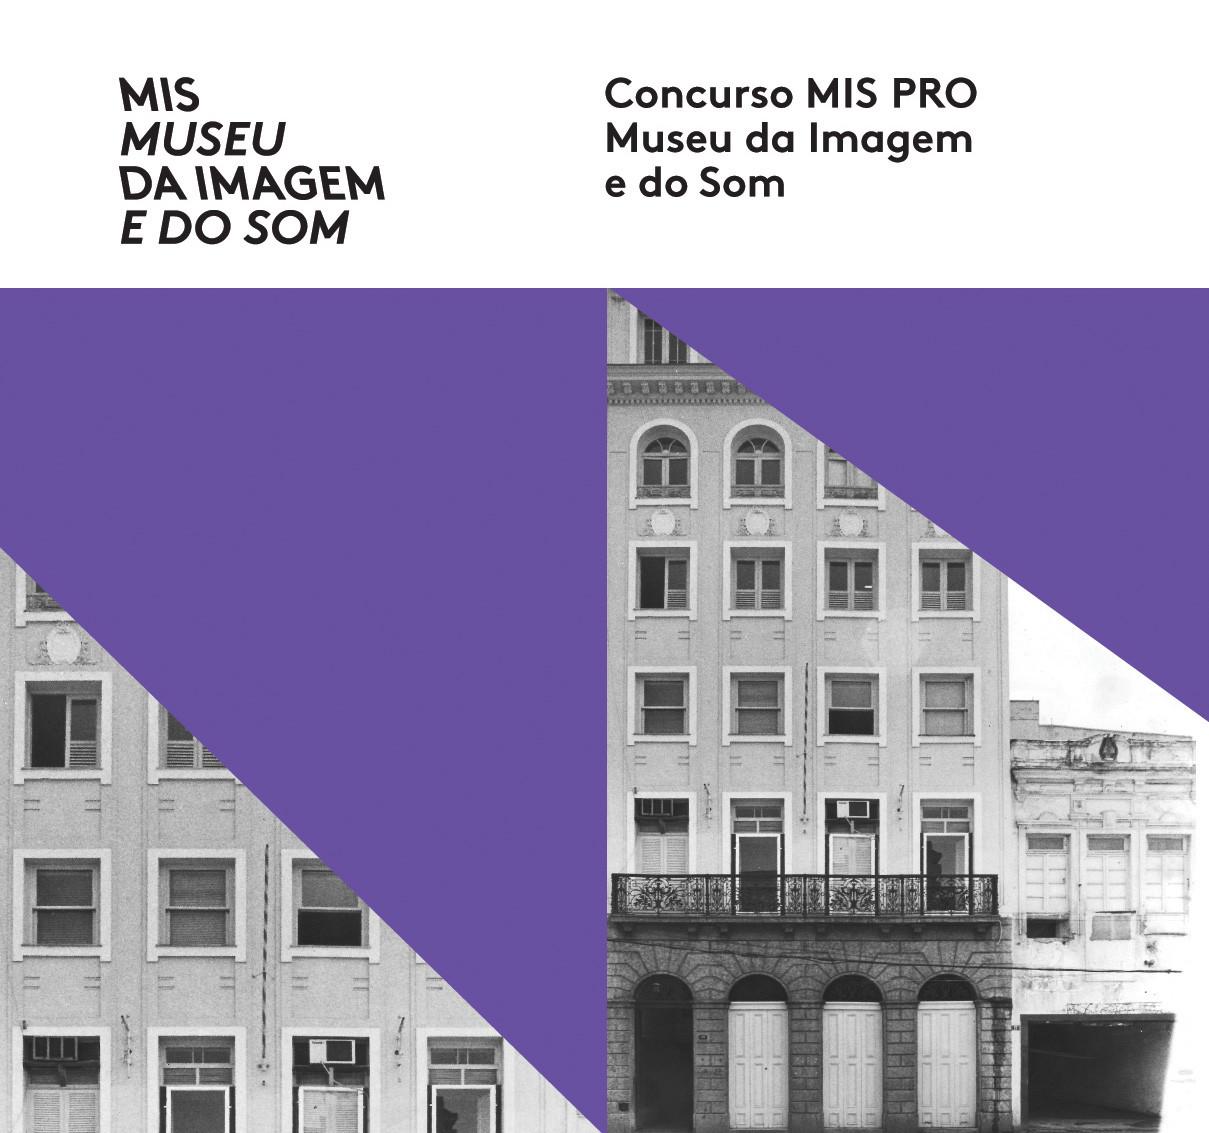 Concurso de projeto para a requalificação do MIS do Rio de Janeiro, Cortesia de IAB-RJ